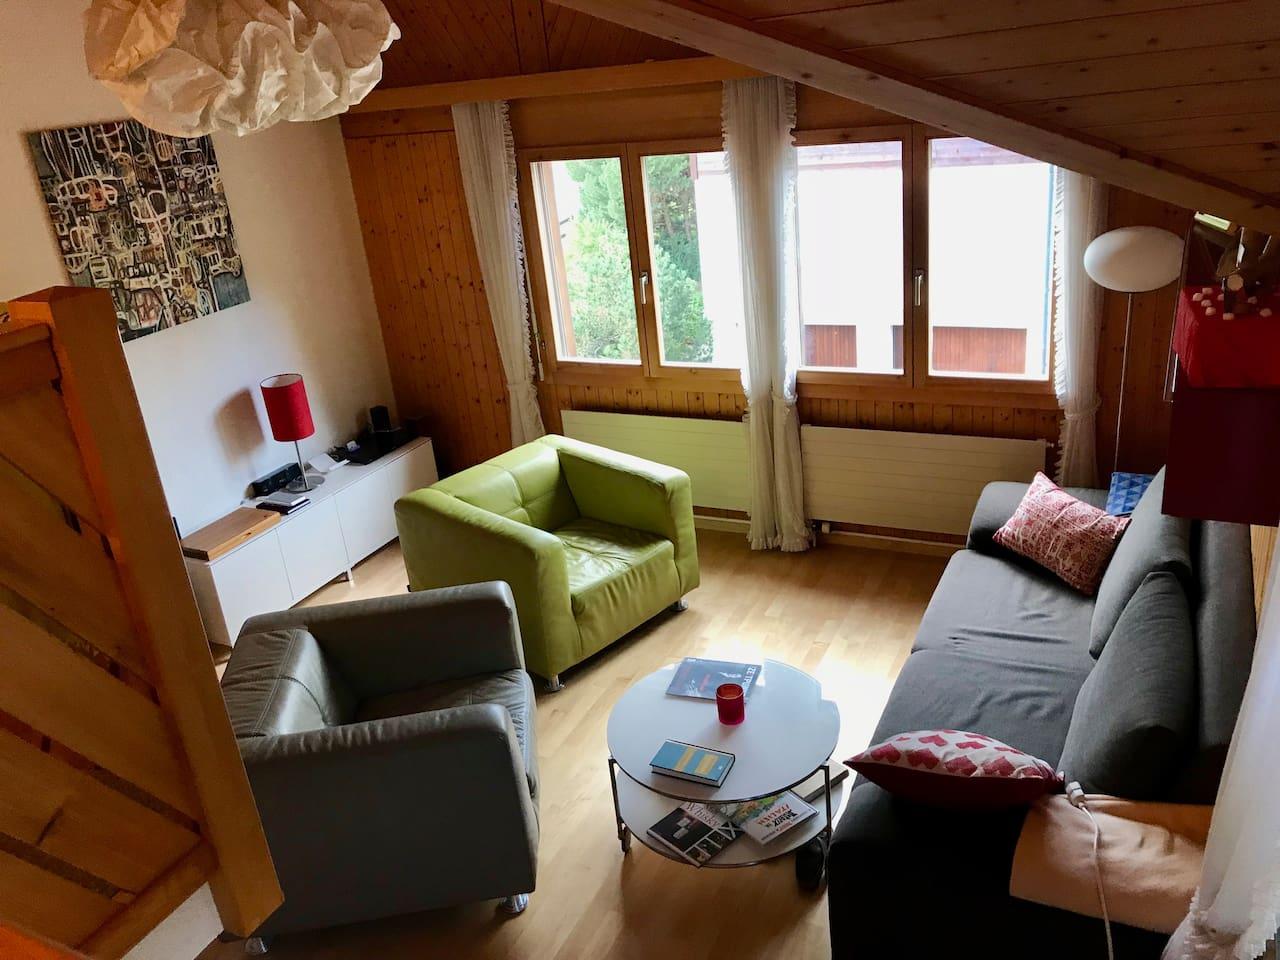 Gemütliches Wohnzimmer mit Ausziehsofa